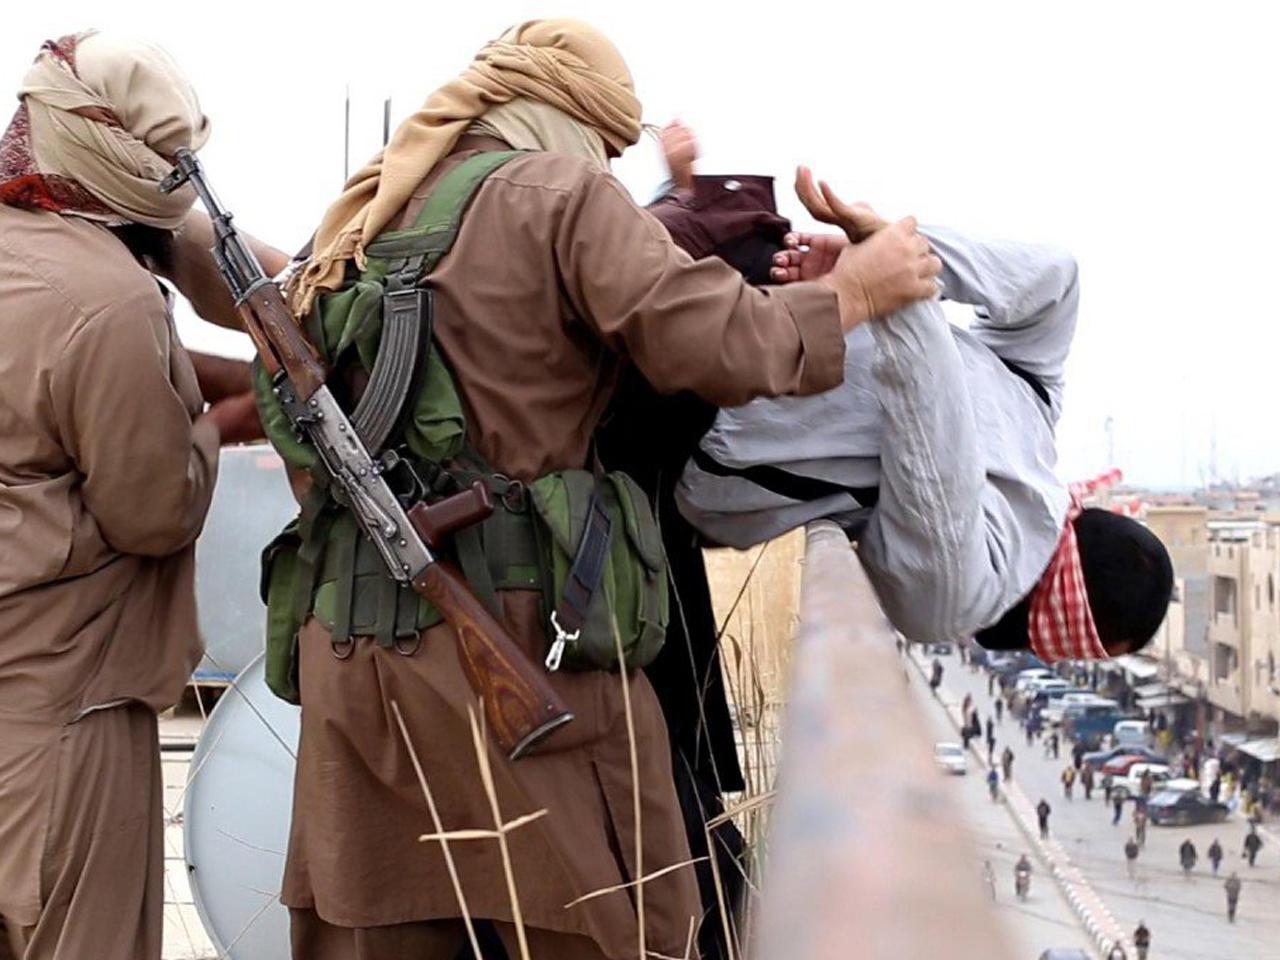 İŞİD, Binanın Tepesinden Atarak İnfaz Ettiği Eşcinselin Fotoğraflarını Yayımladı!